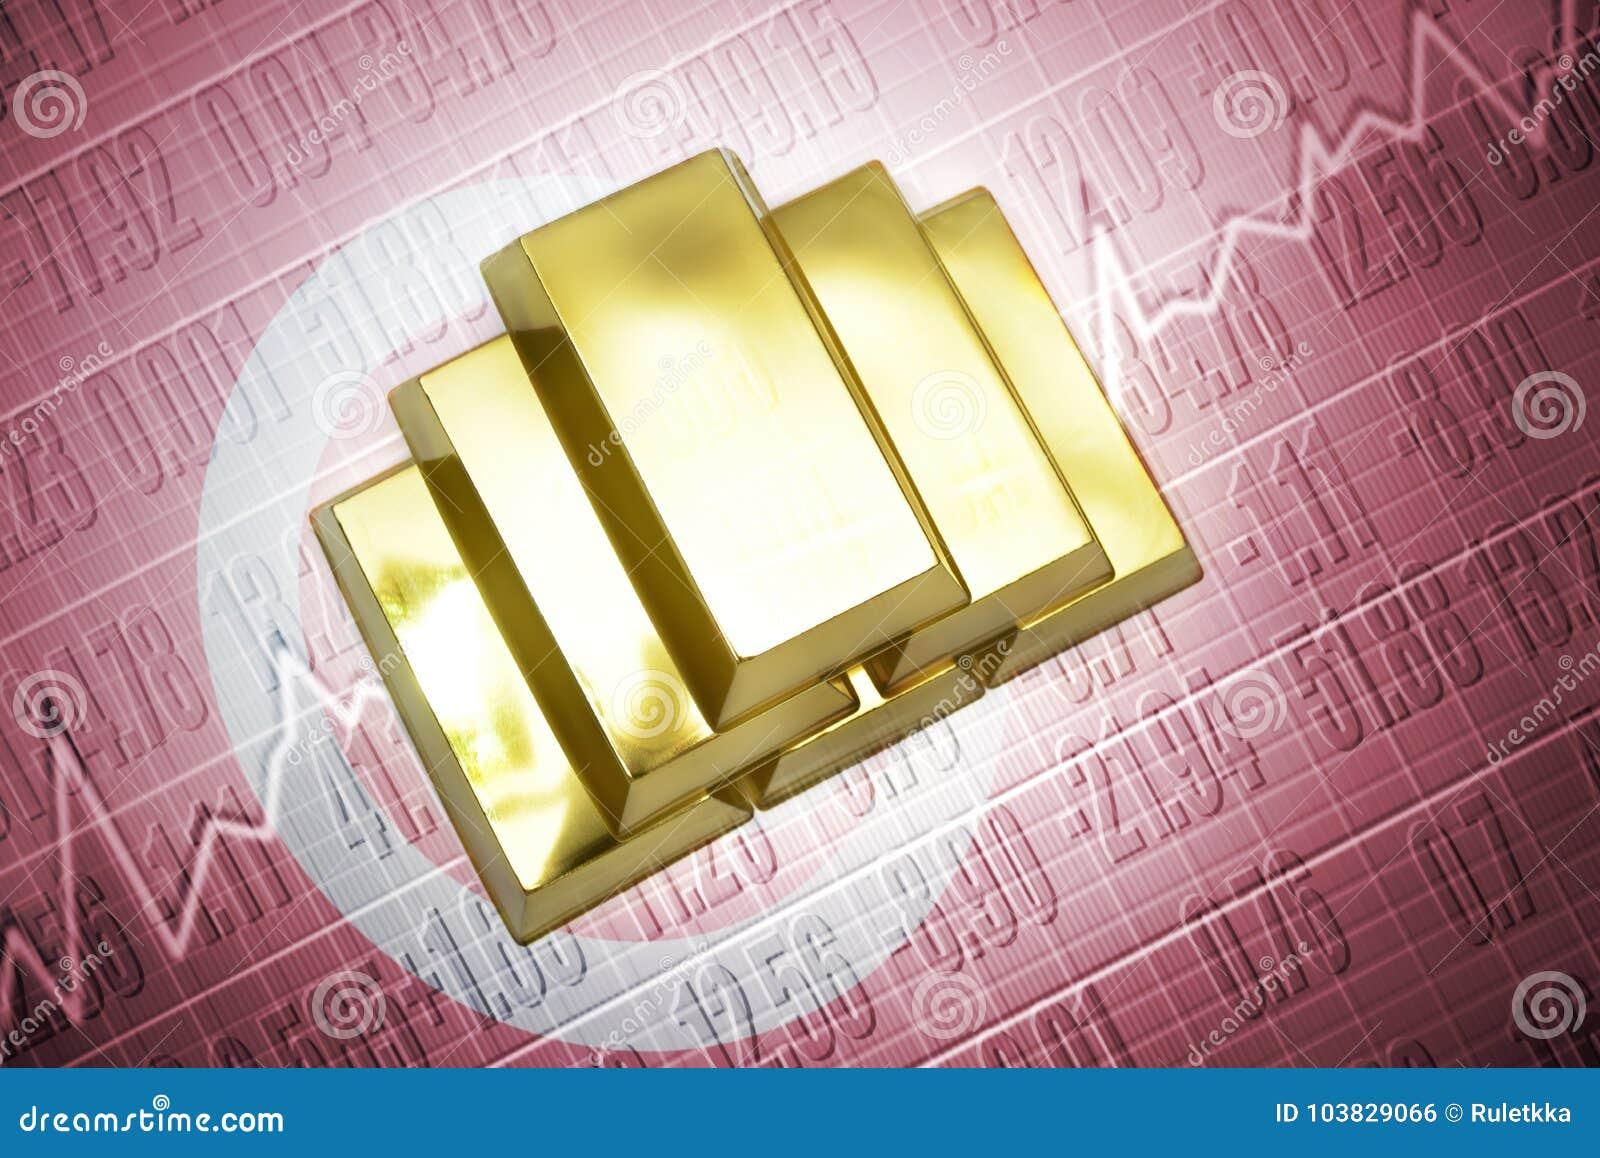 Tunisiska guld- reserver